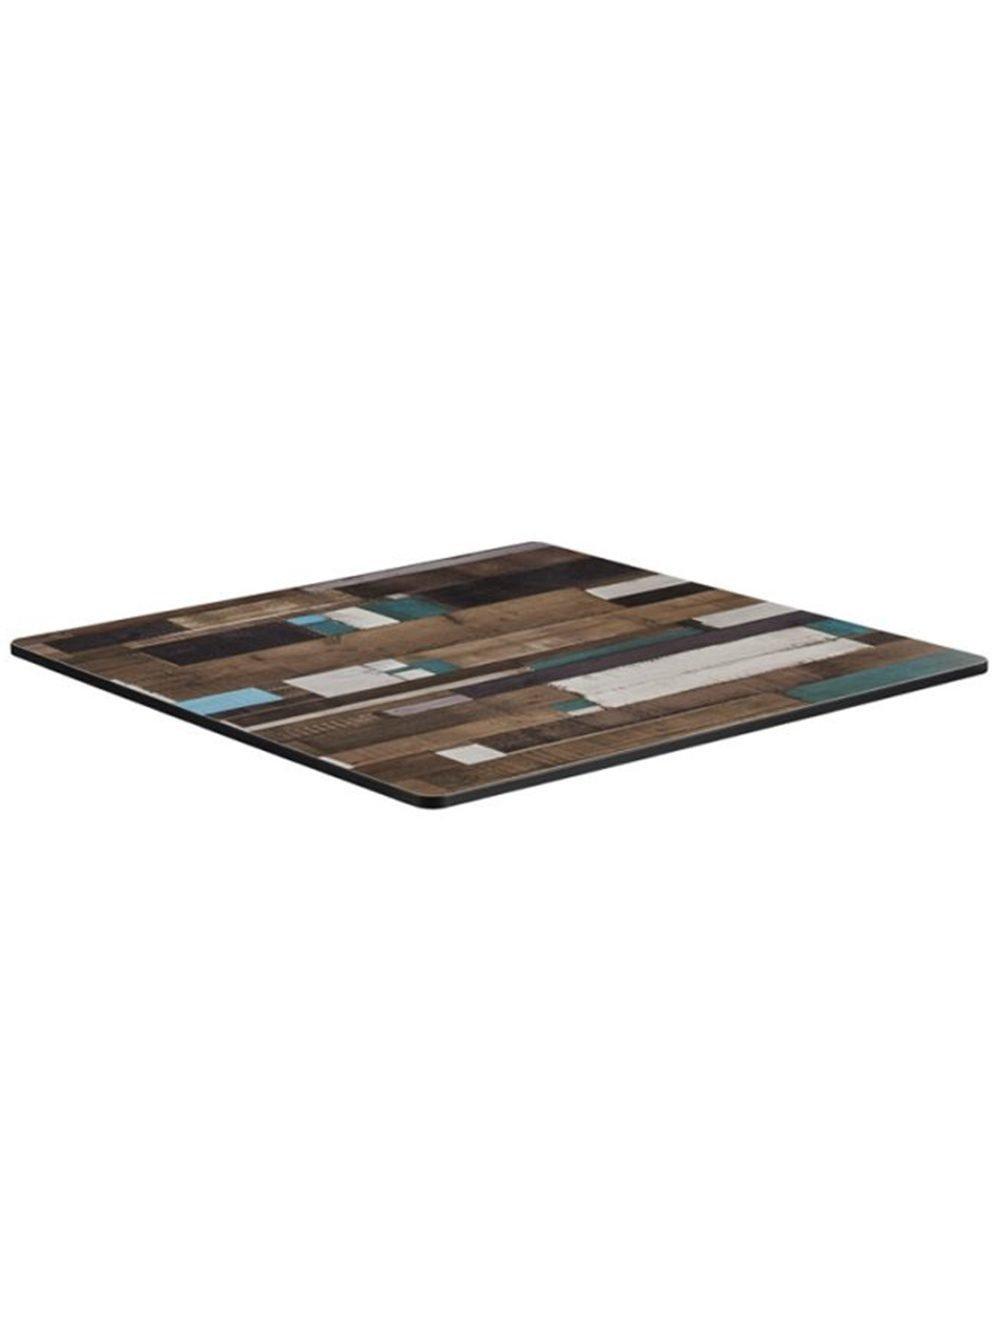 Driftwood-70x70-WEB